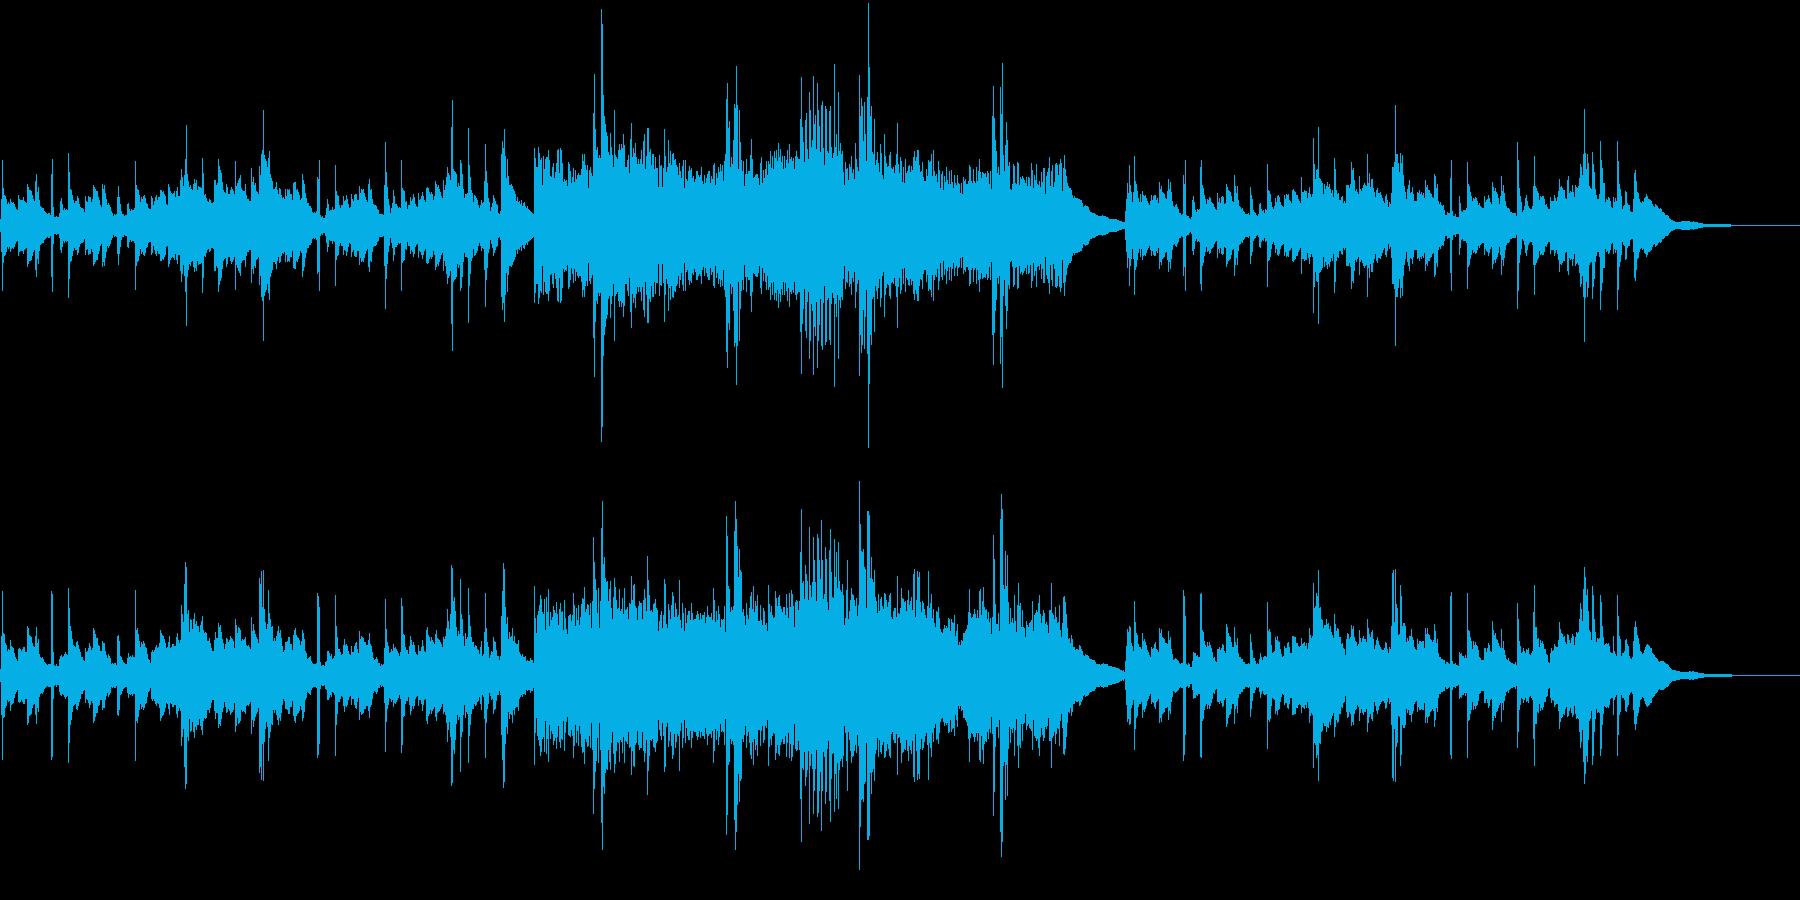 古筝と打楽器を使った中国的な曲の再生済みの波形